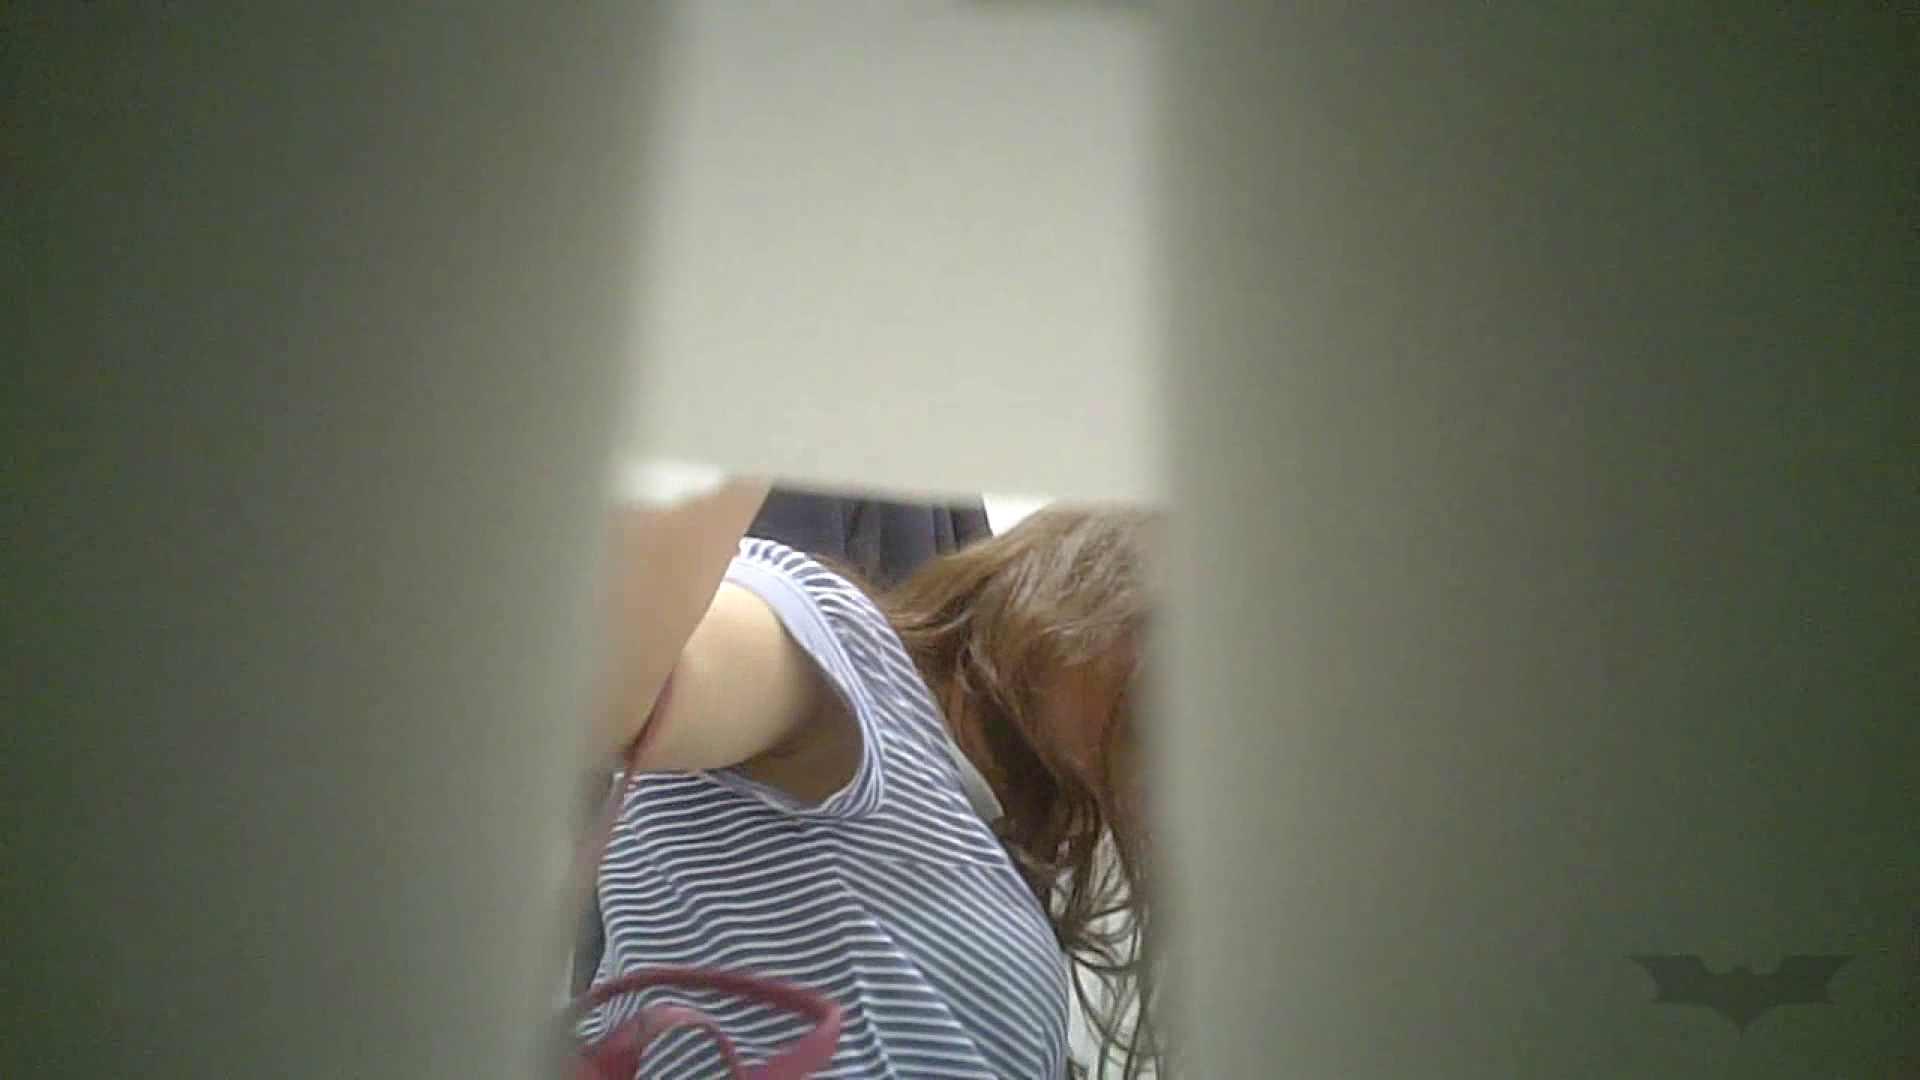 有名大学女性洗面所 vol.37 ついでにアンダーヘアーの状態確認ですね。 ギャル攻め AV無料 105画像 38